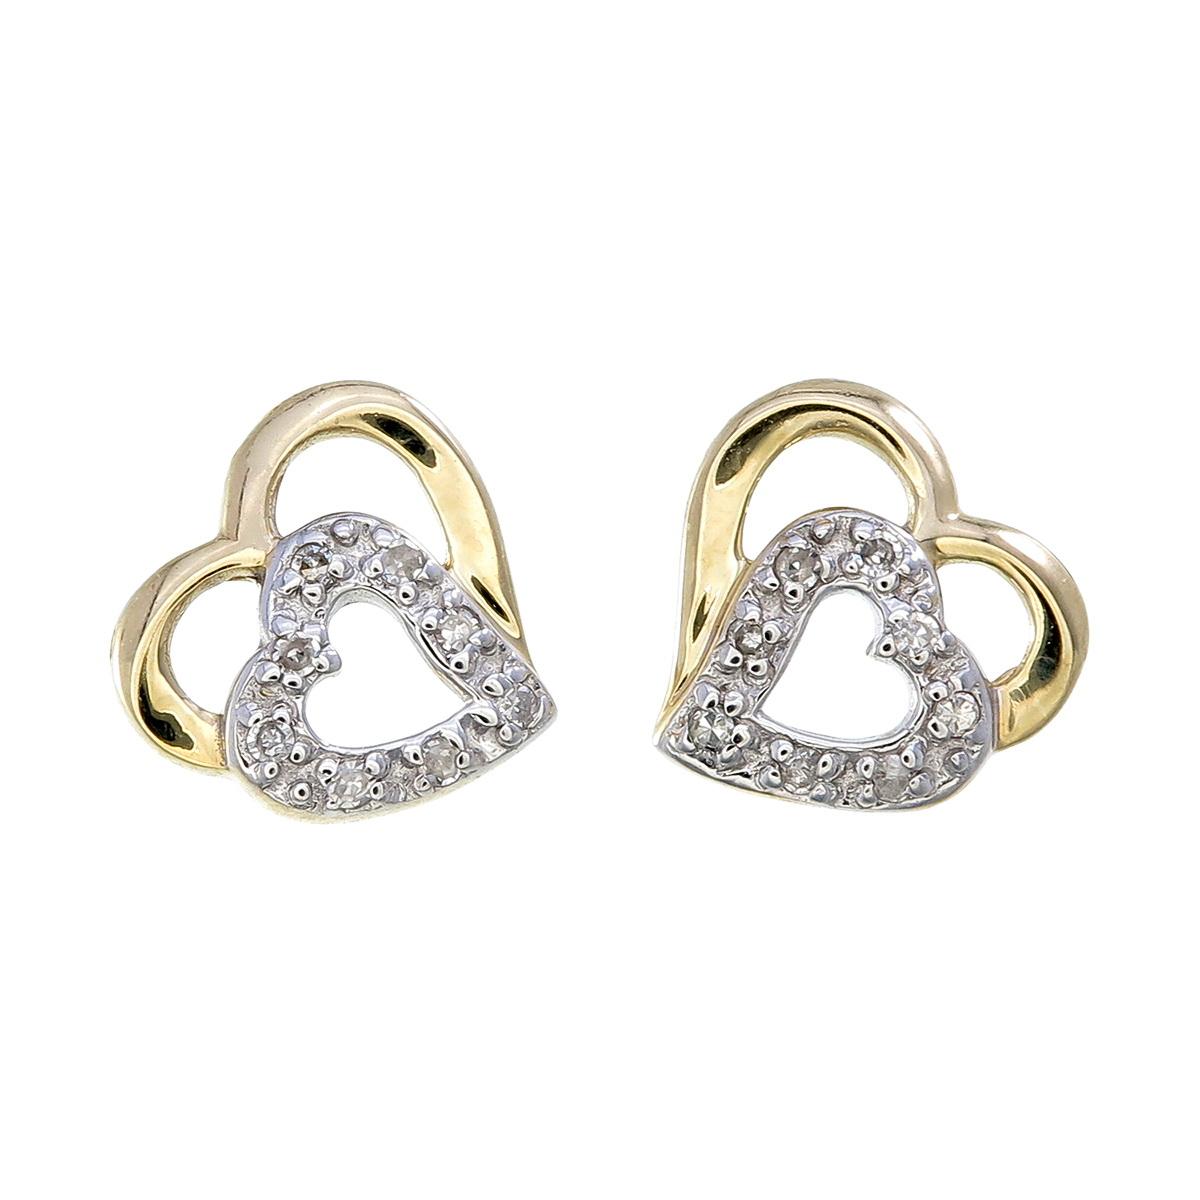 Boucles d'oreilles coeurs à tiges fixes - Or jaune 10K & Diamants totalisant 0.05 Carat